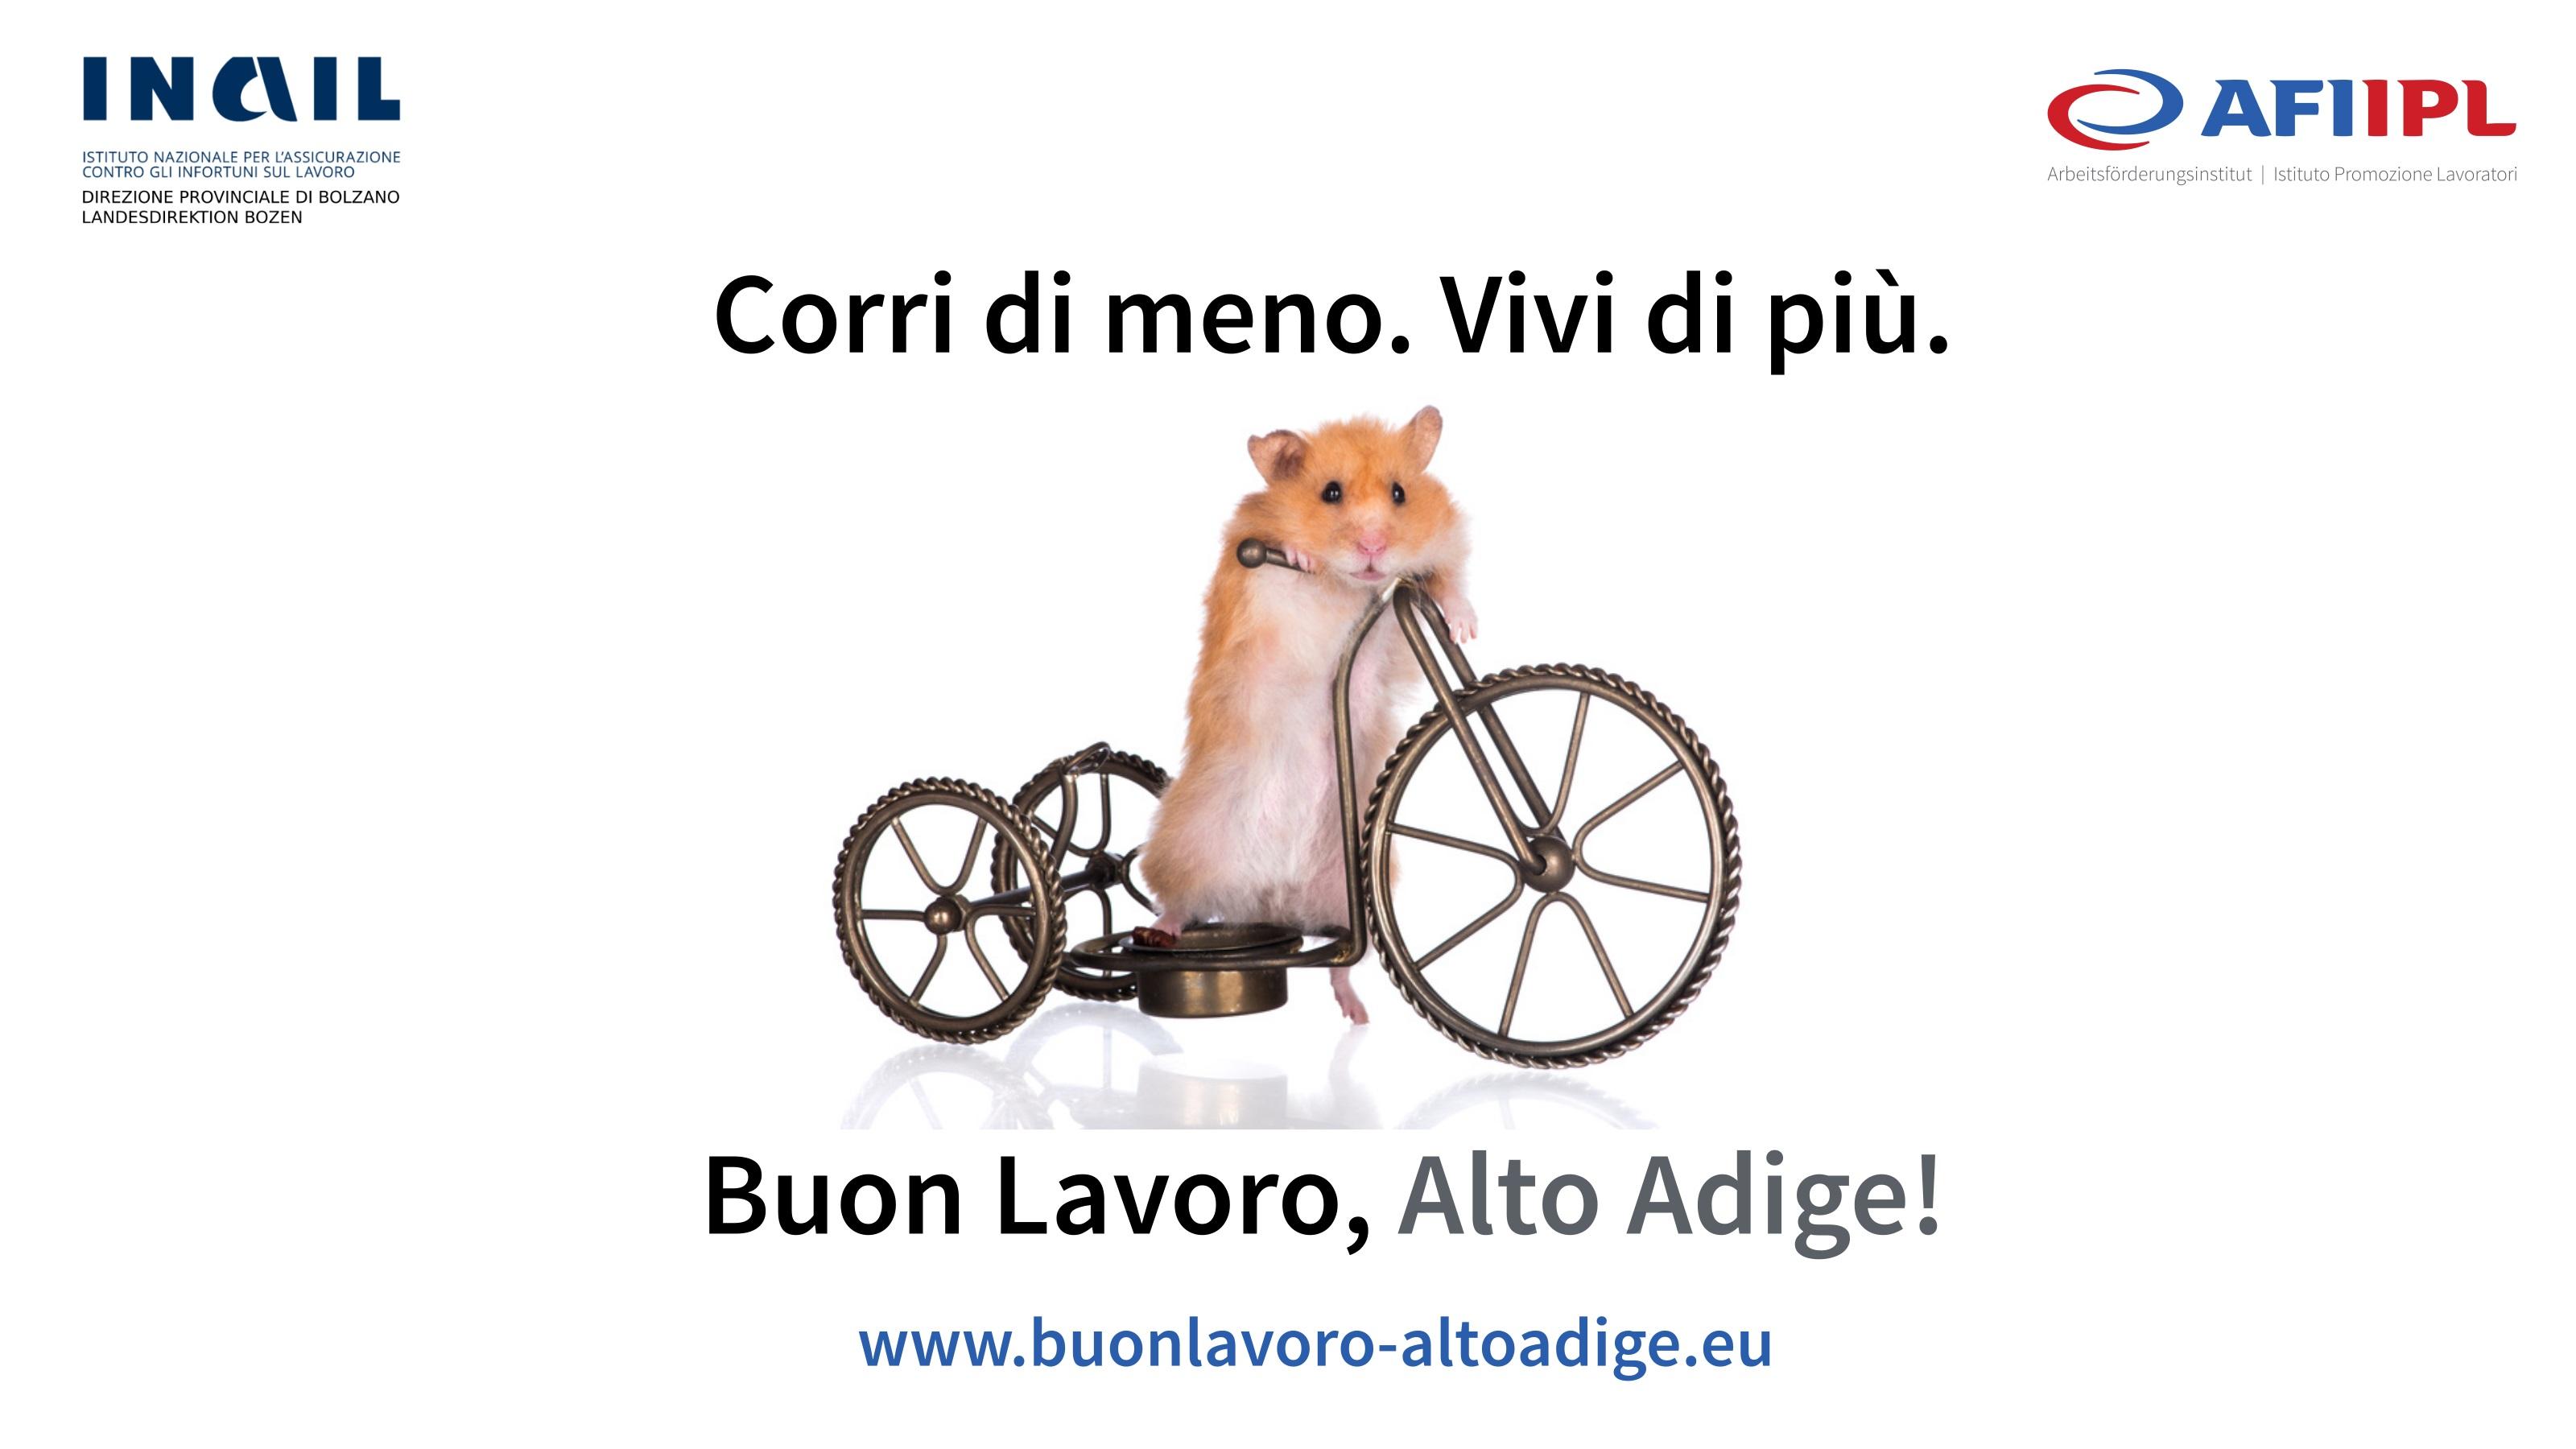 Buon lavoro Alto Adige